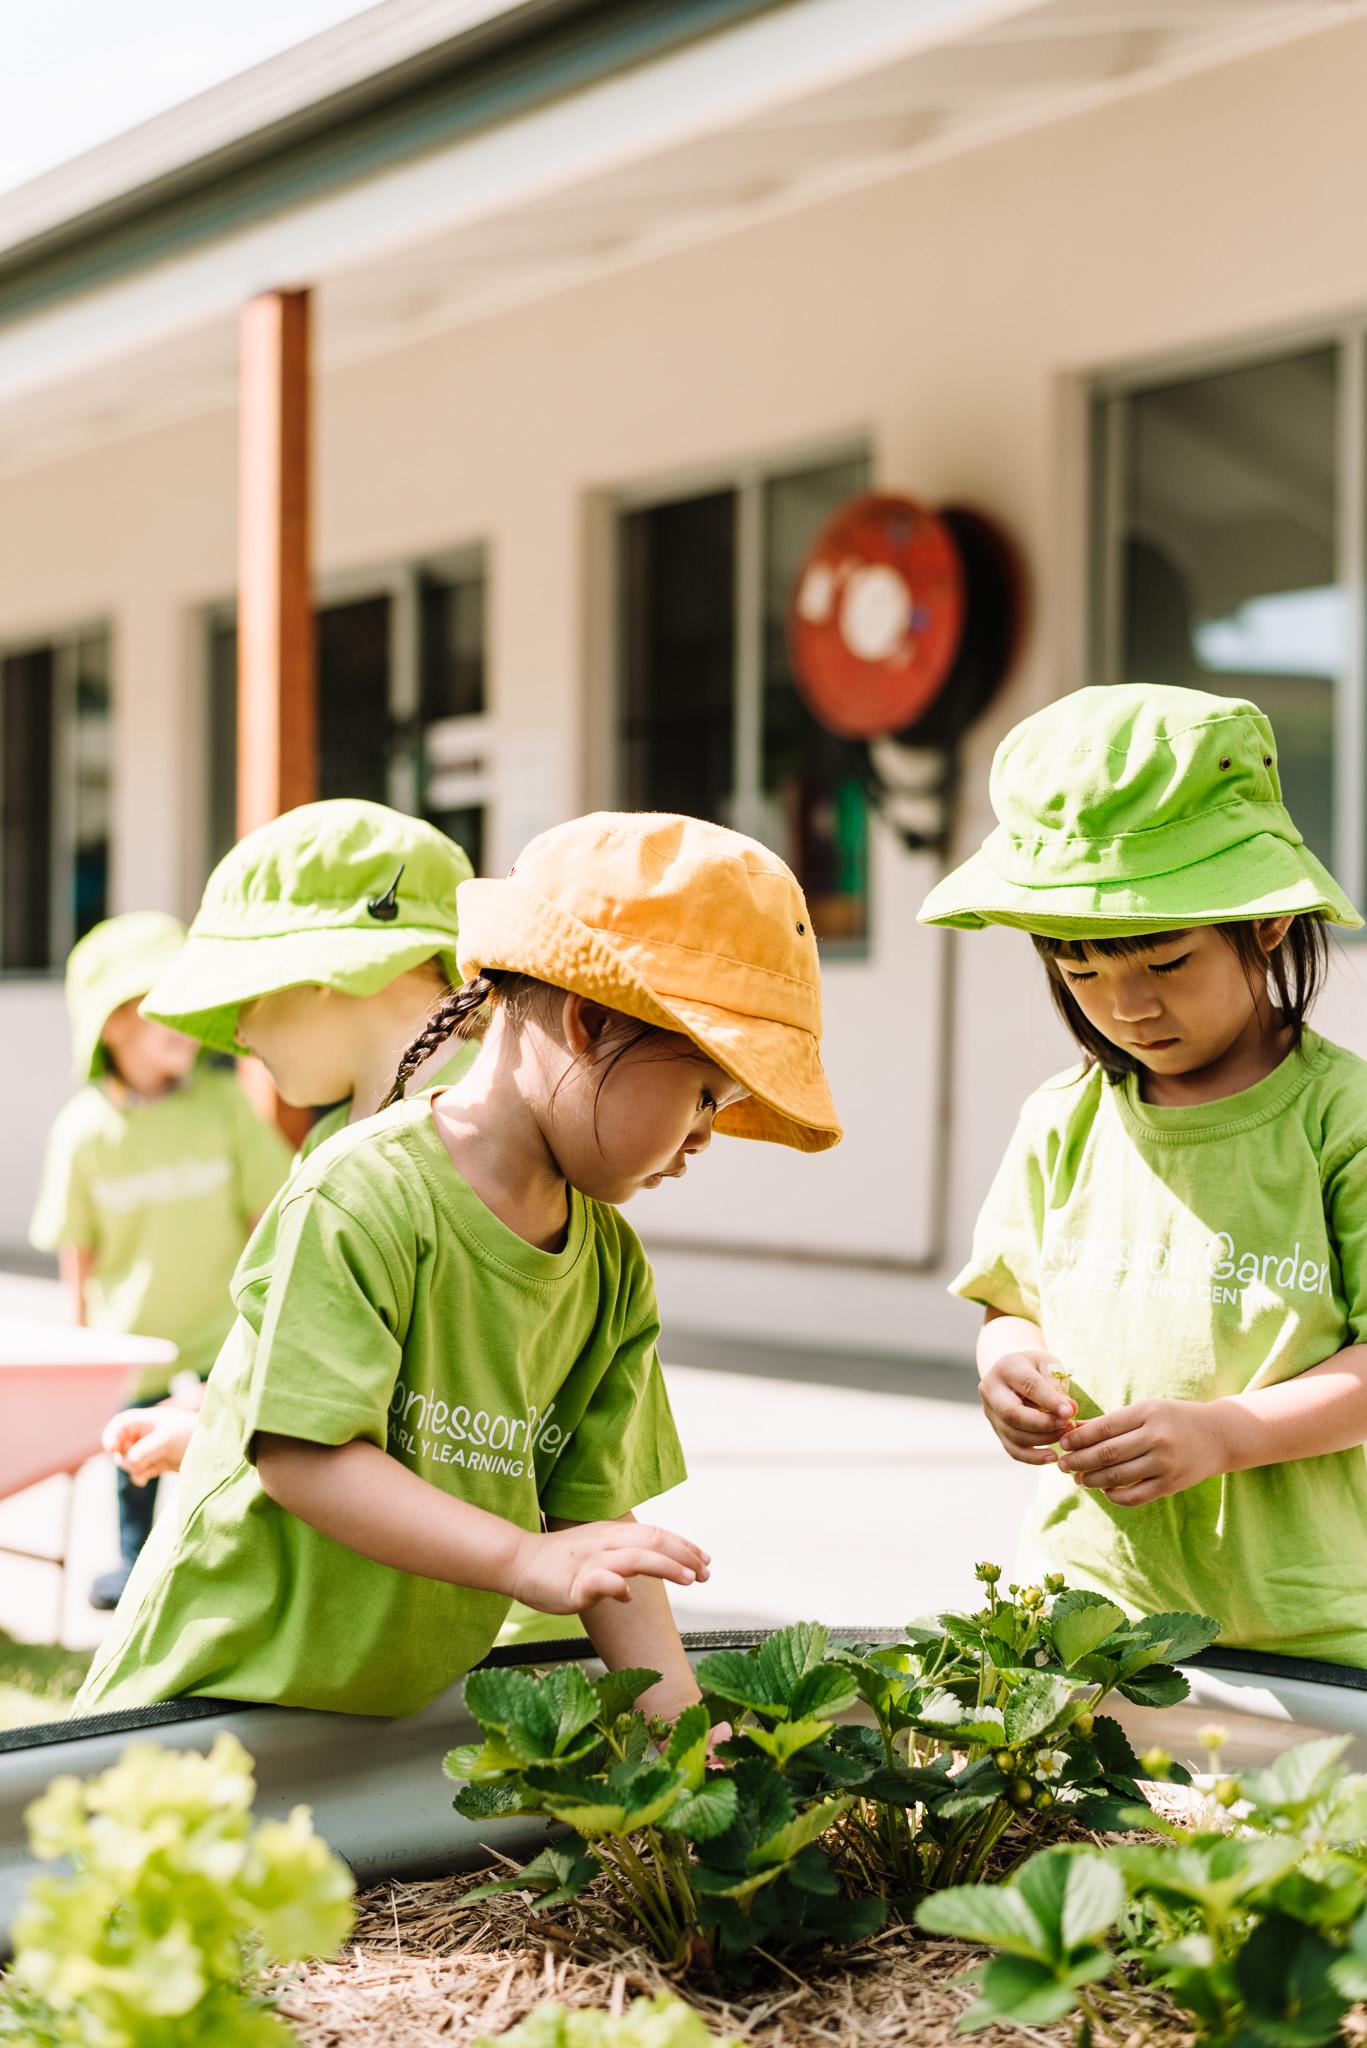 MontessoriGarden_YMoosa-8.jpg